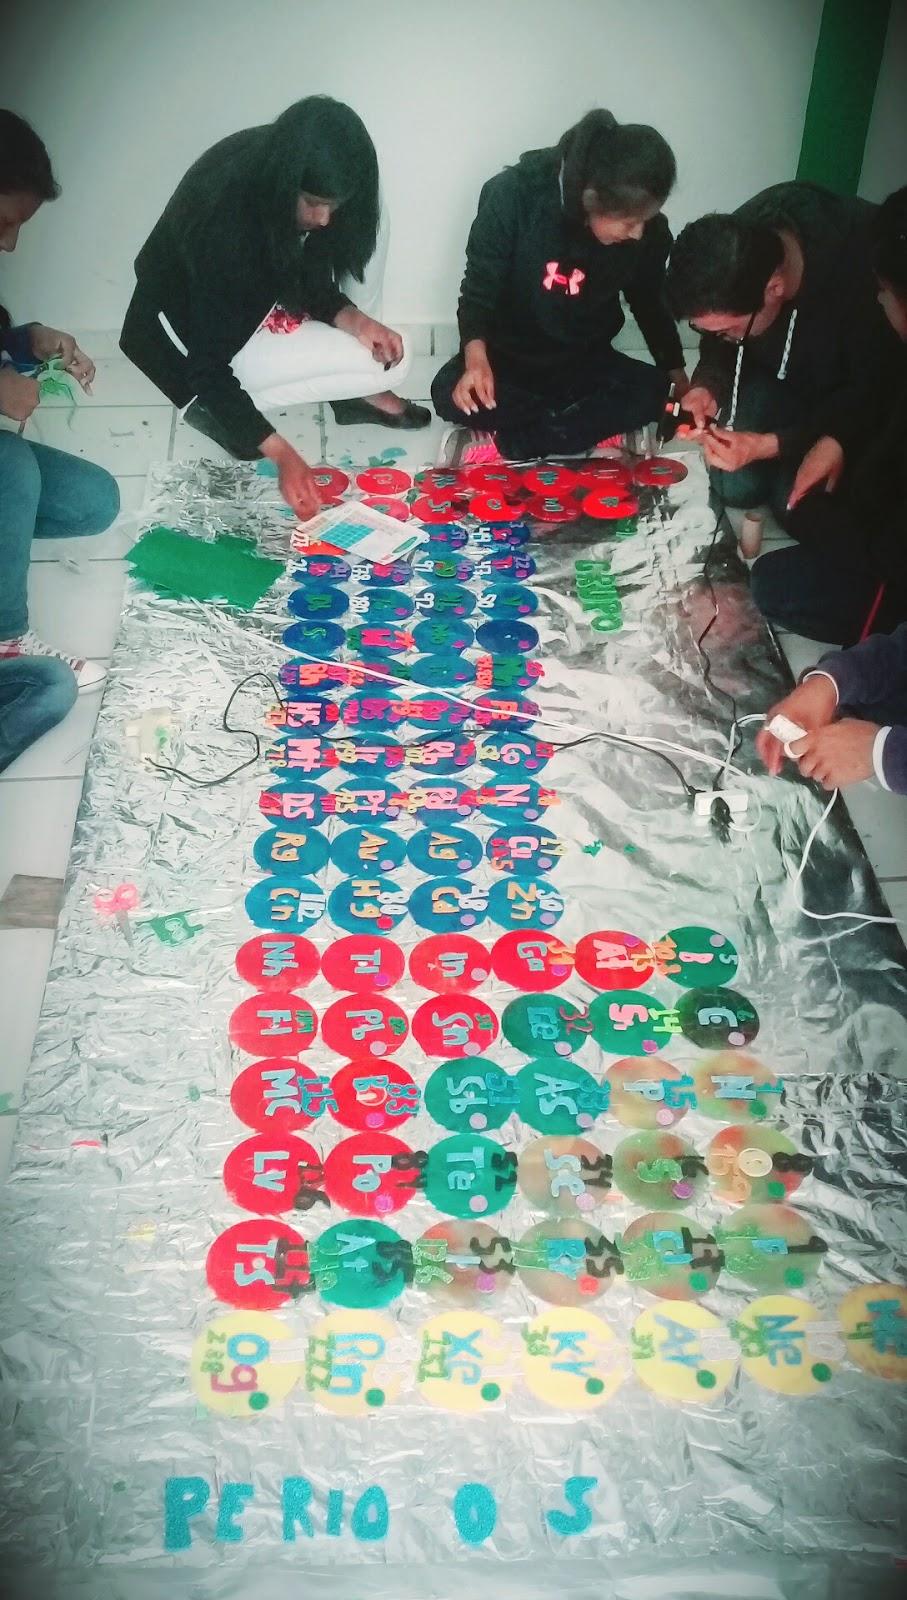 Grupo de 1 a cobaep p 30 consurso de tabla periodica nuestra tabla la hizimos de discos recicladosde envolturas de chetos y de sabritas para cubrir un pedazo de tabla periodica los simbolos los hizimos con urtaz Image collections